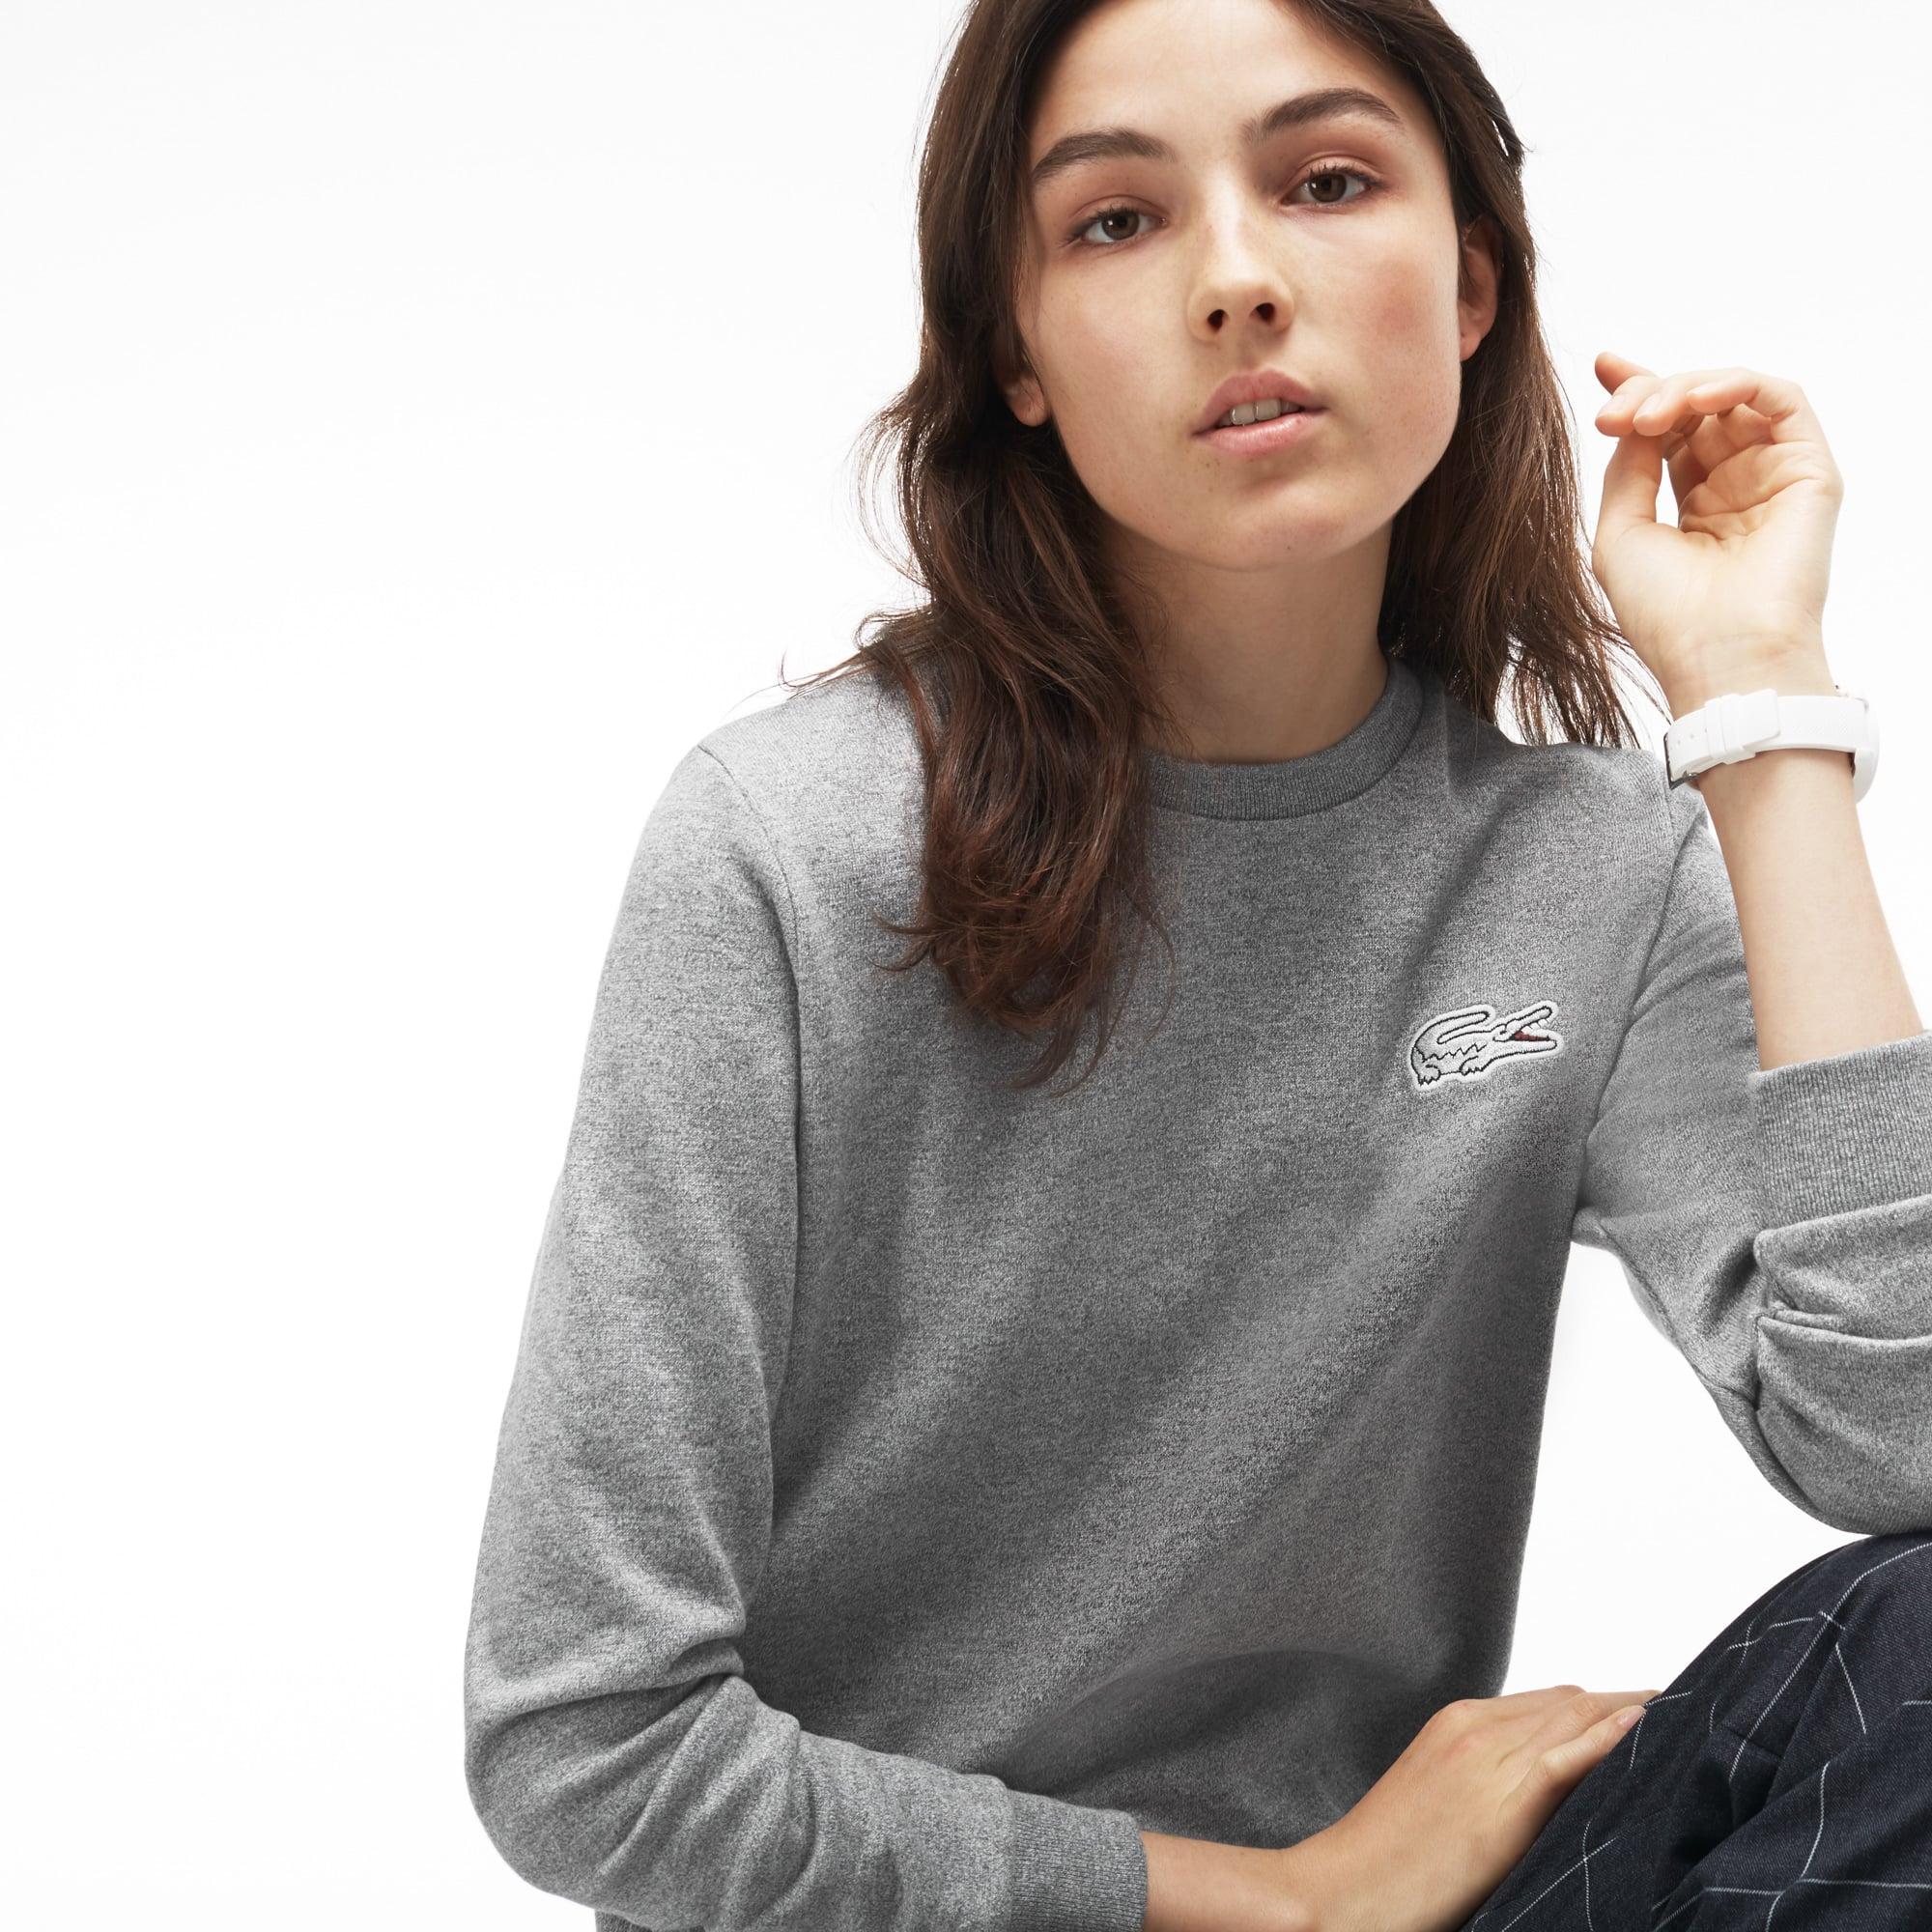 Women's Lacoste LIVE Oversized Crocodile Fleece Sweatshirt